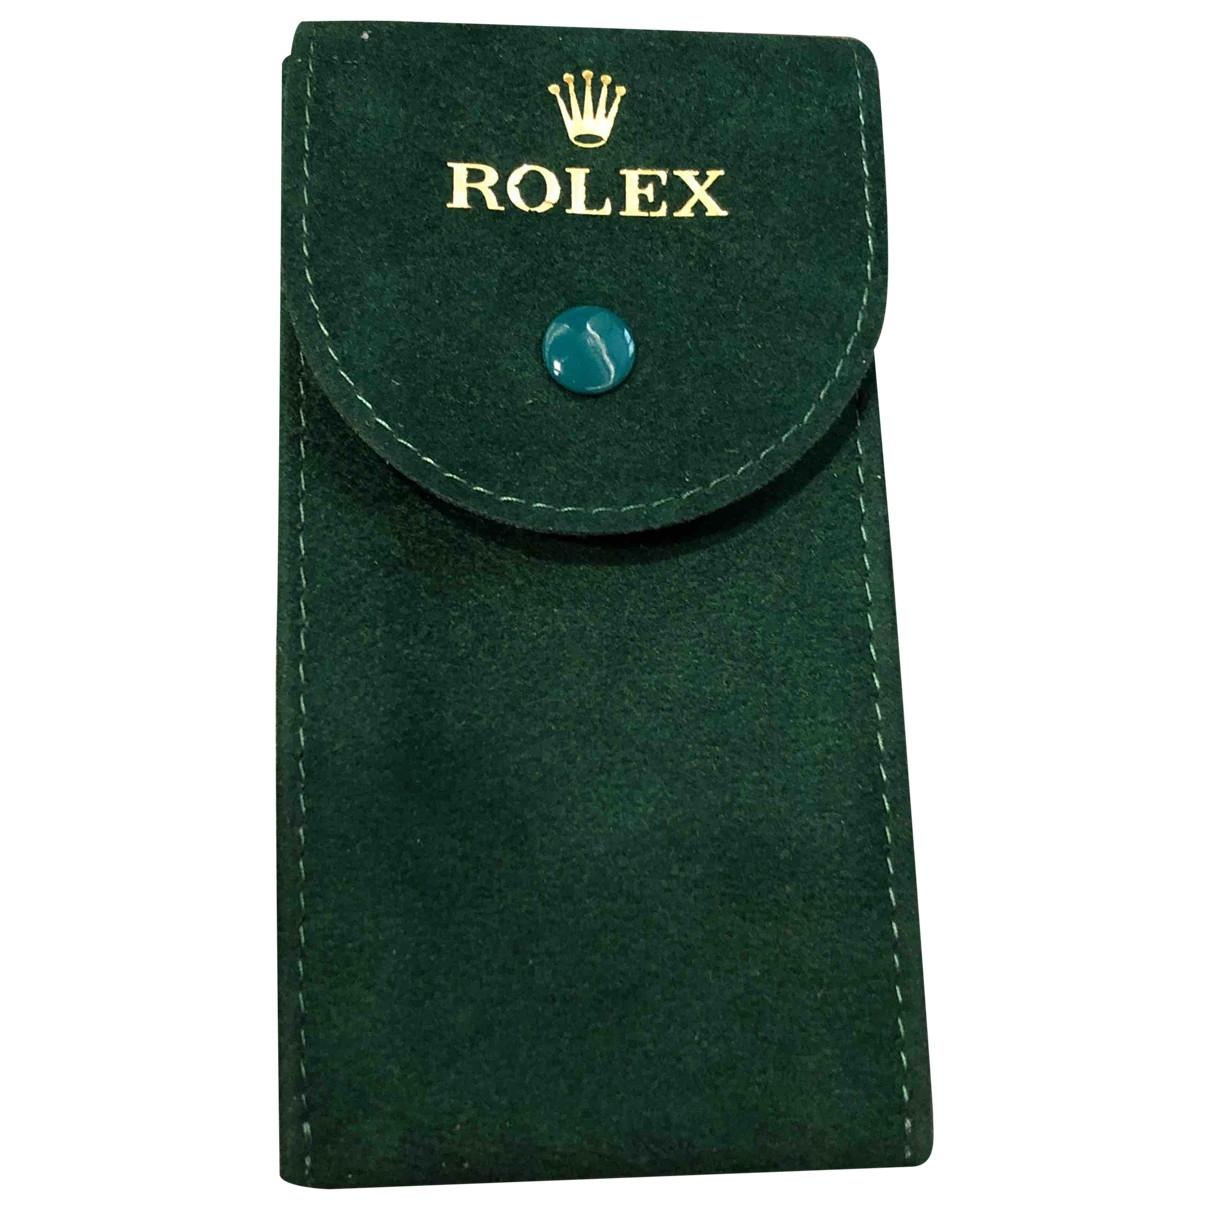 Rolex - Objets & Deco   pour lifestyle en suede - vert